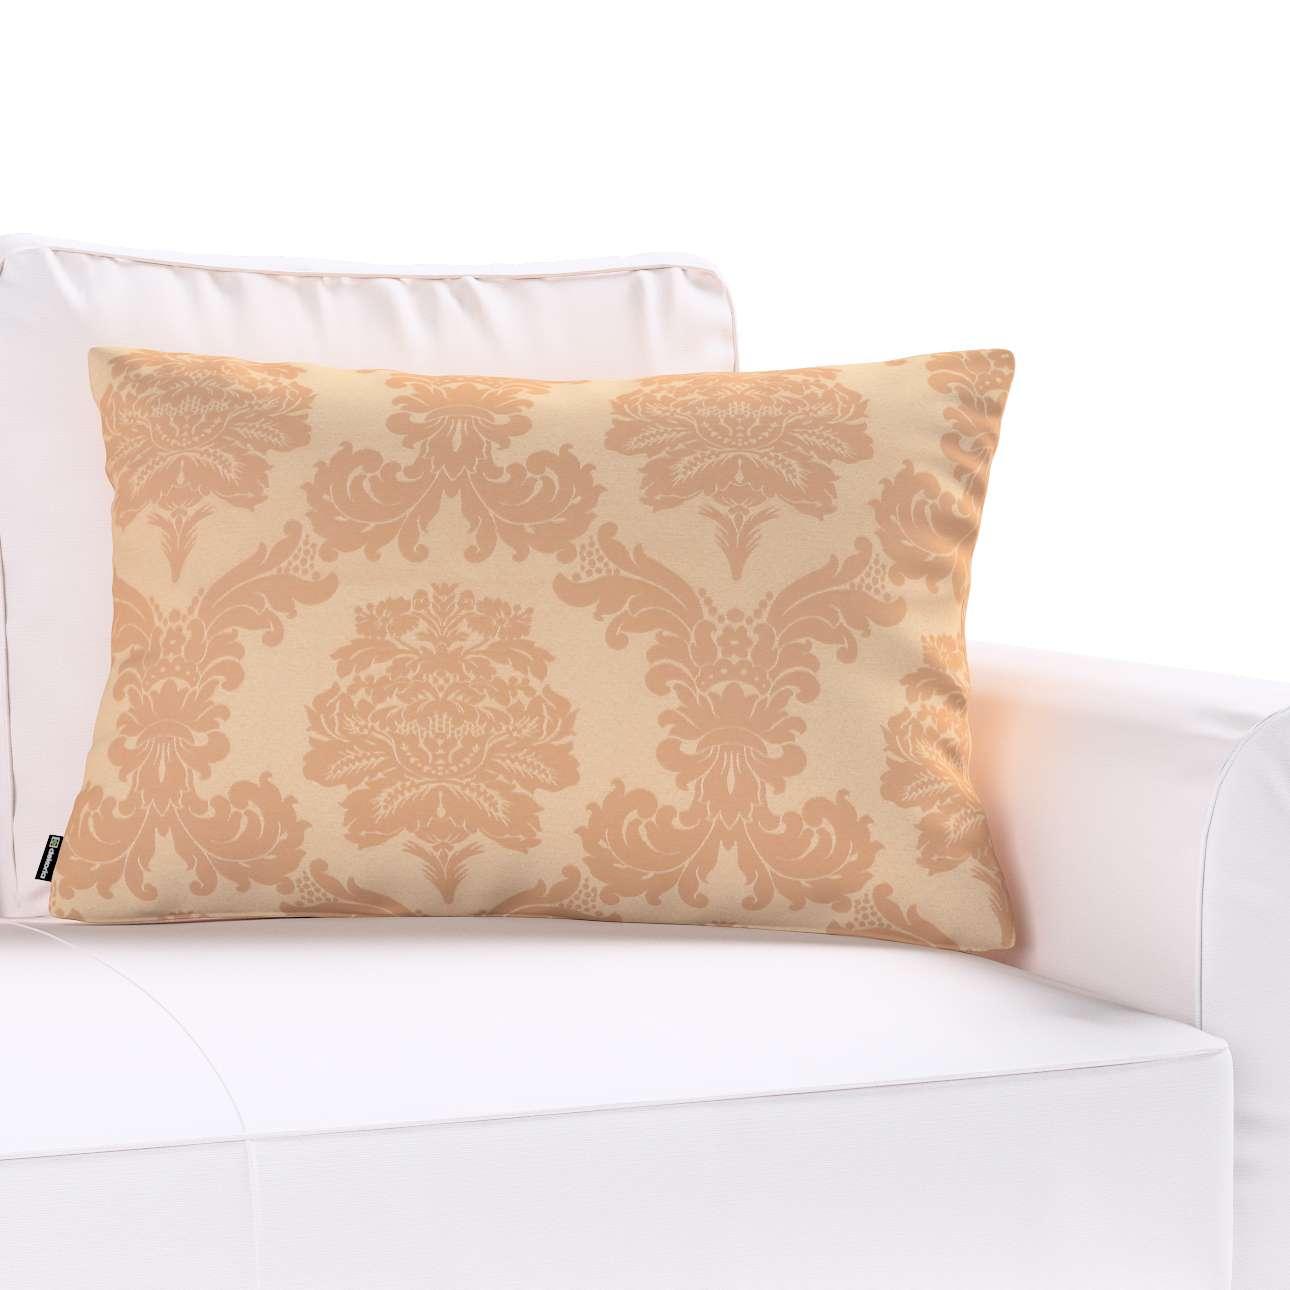 Kinga dekoratyvinės pagalvėlės užvalkalas 60x40cm 60x40cm kolekcijoje Damasco, audinys: 613-04